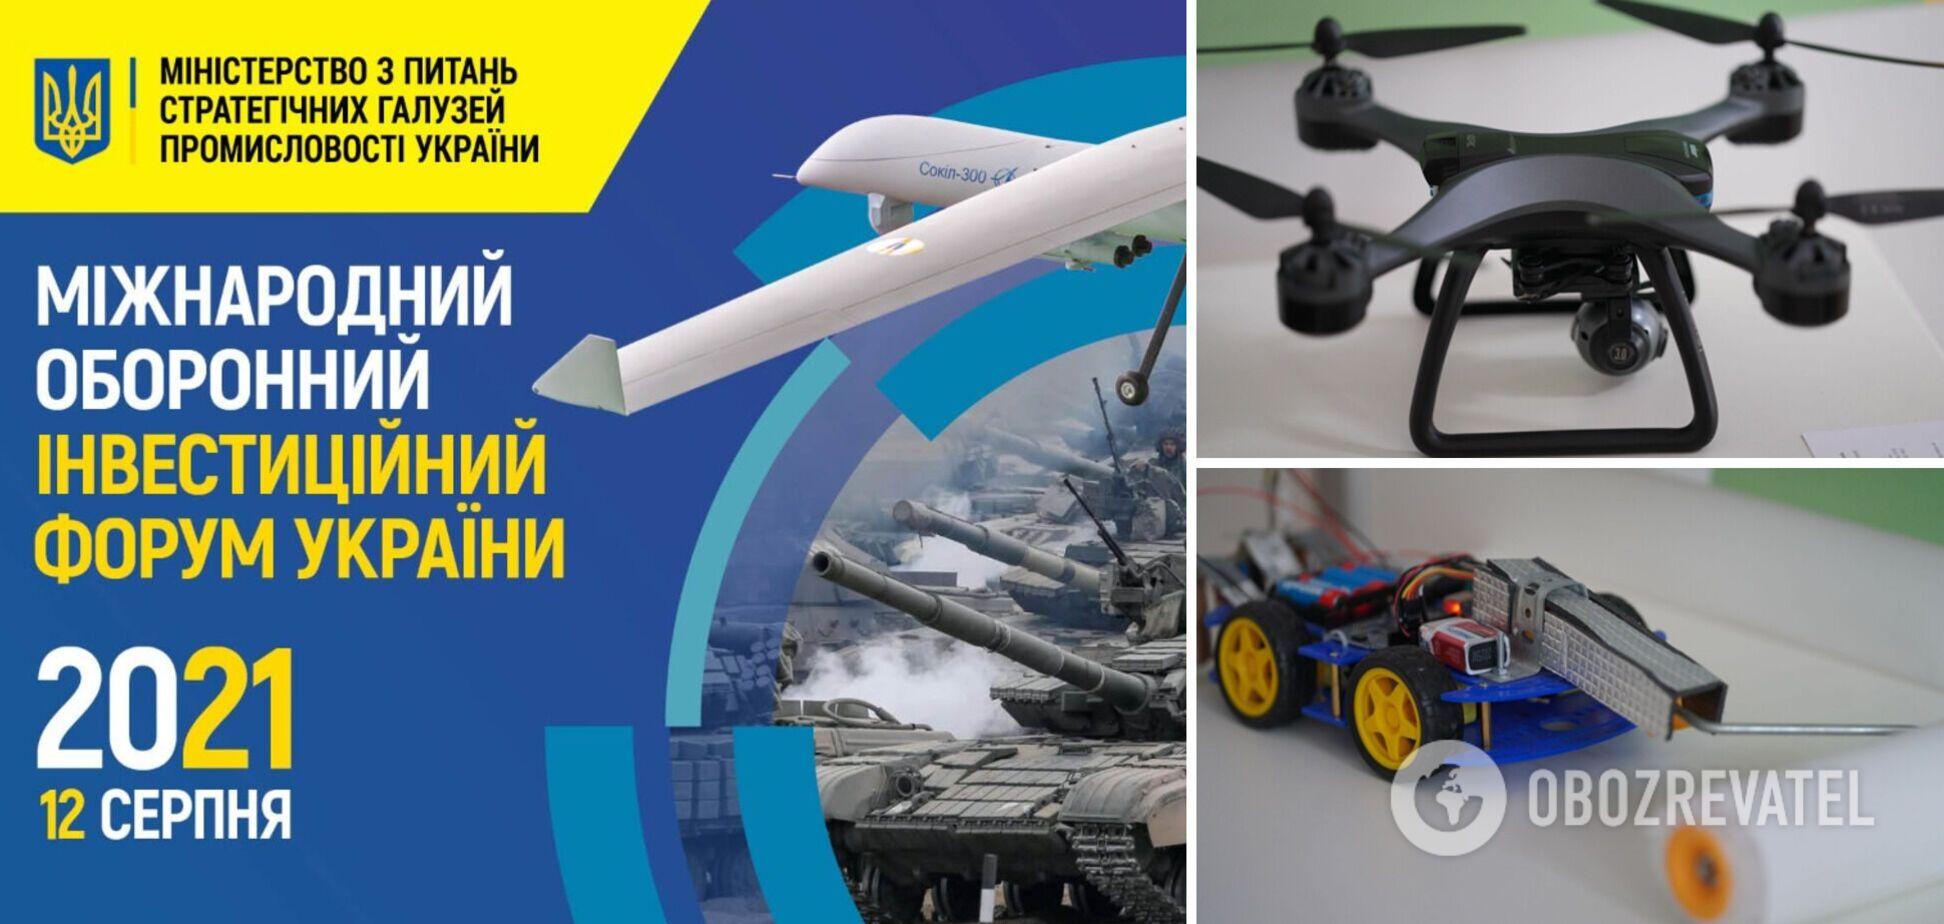 Українські школярі представили на Міжнародному форумі винаходи для посилення обороноздатності держави